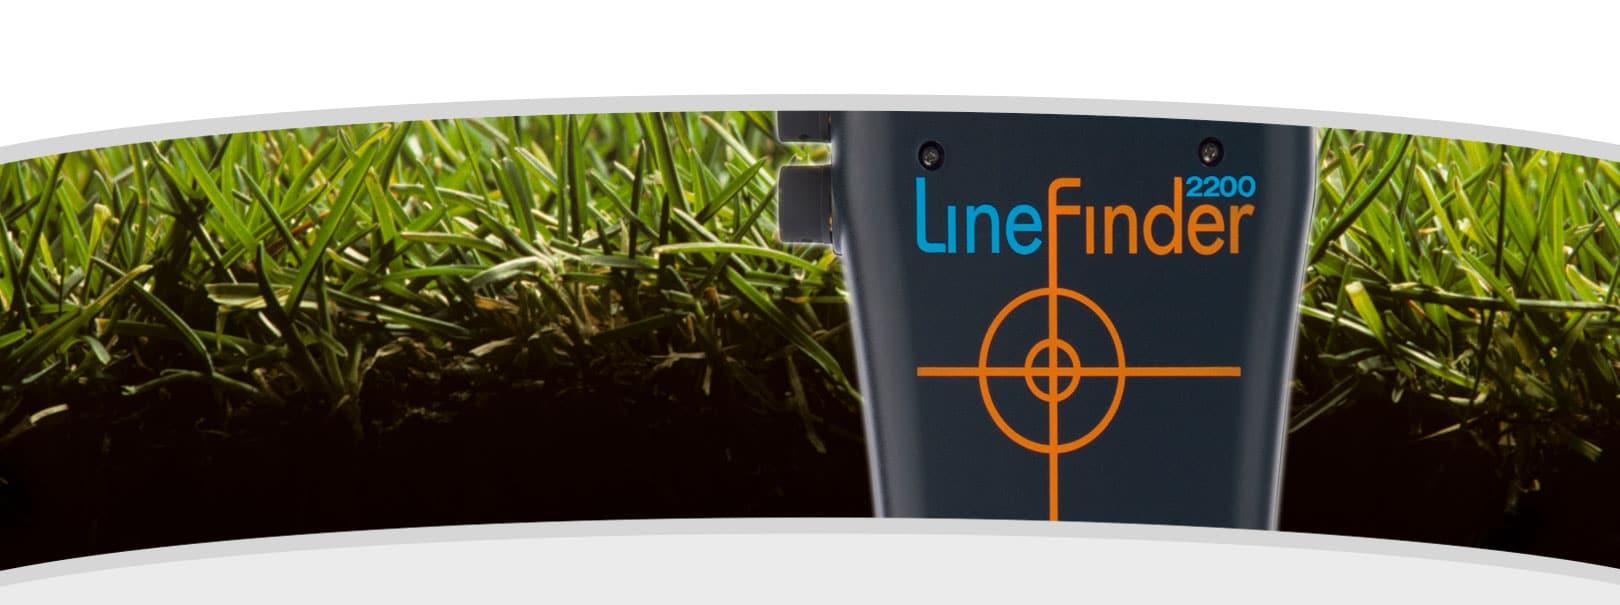 LineFinder 2200